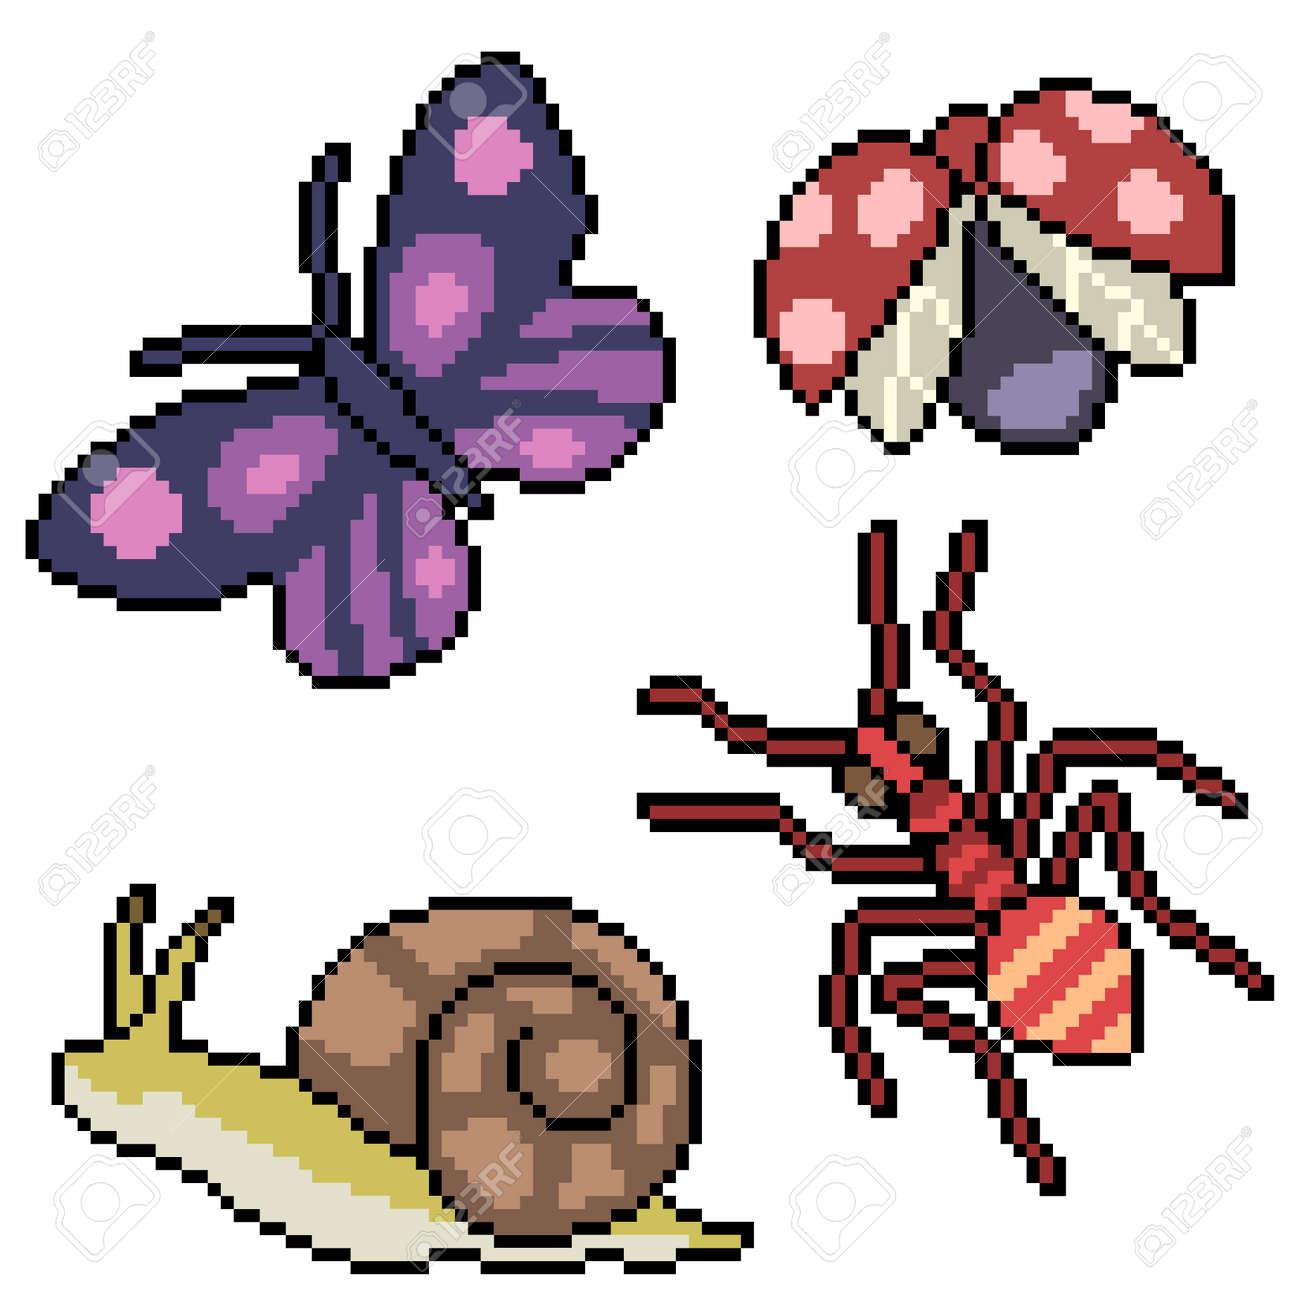 pixel art of small garden bugs - 172135012